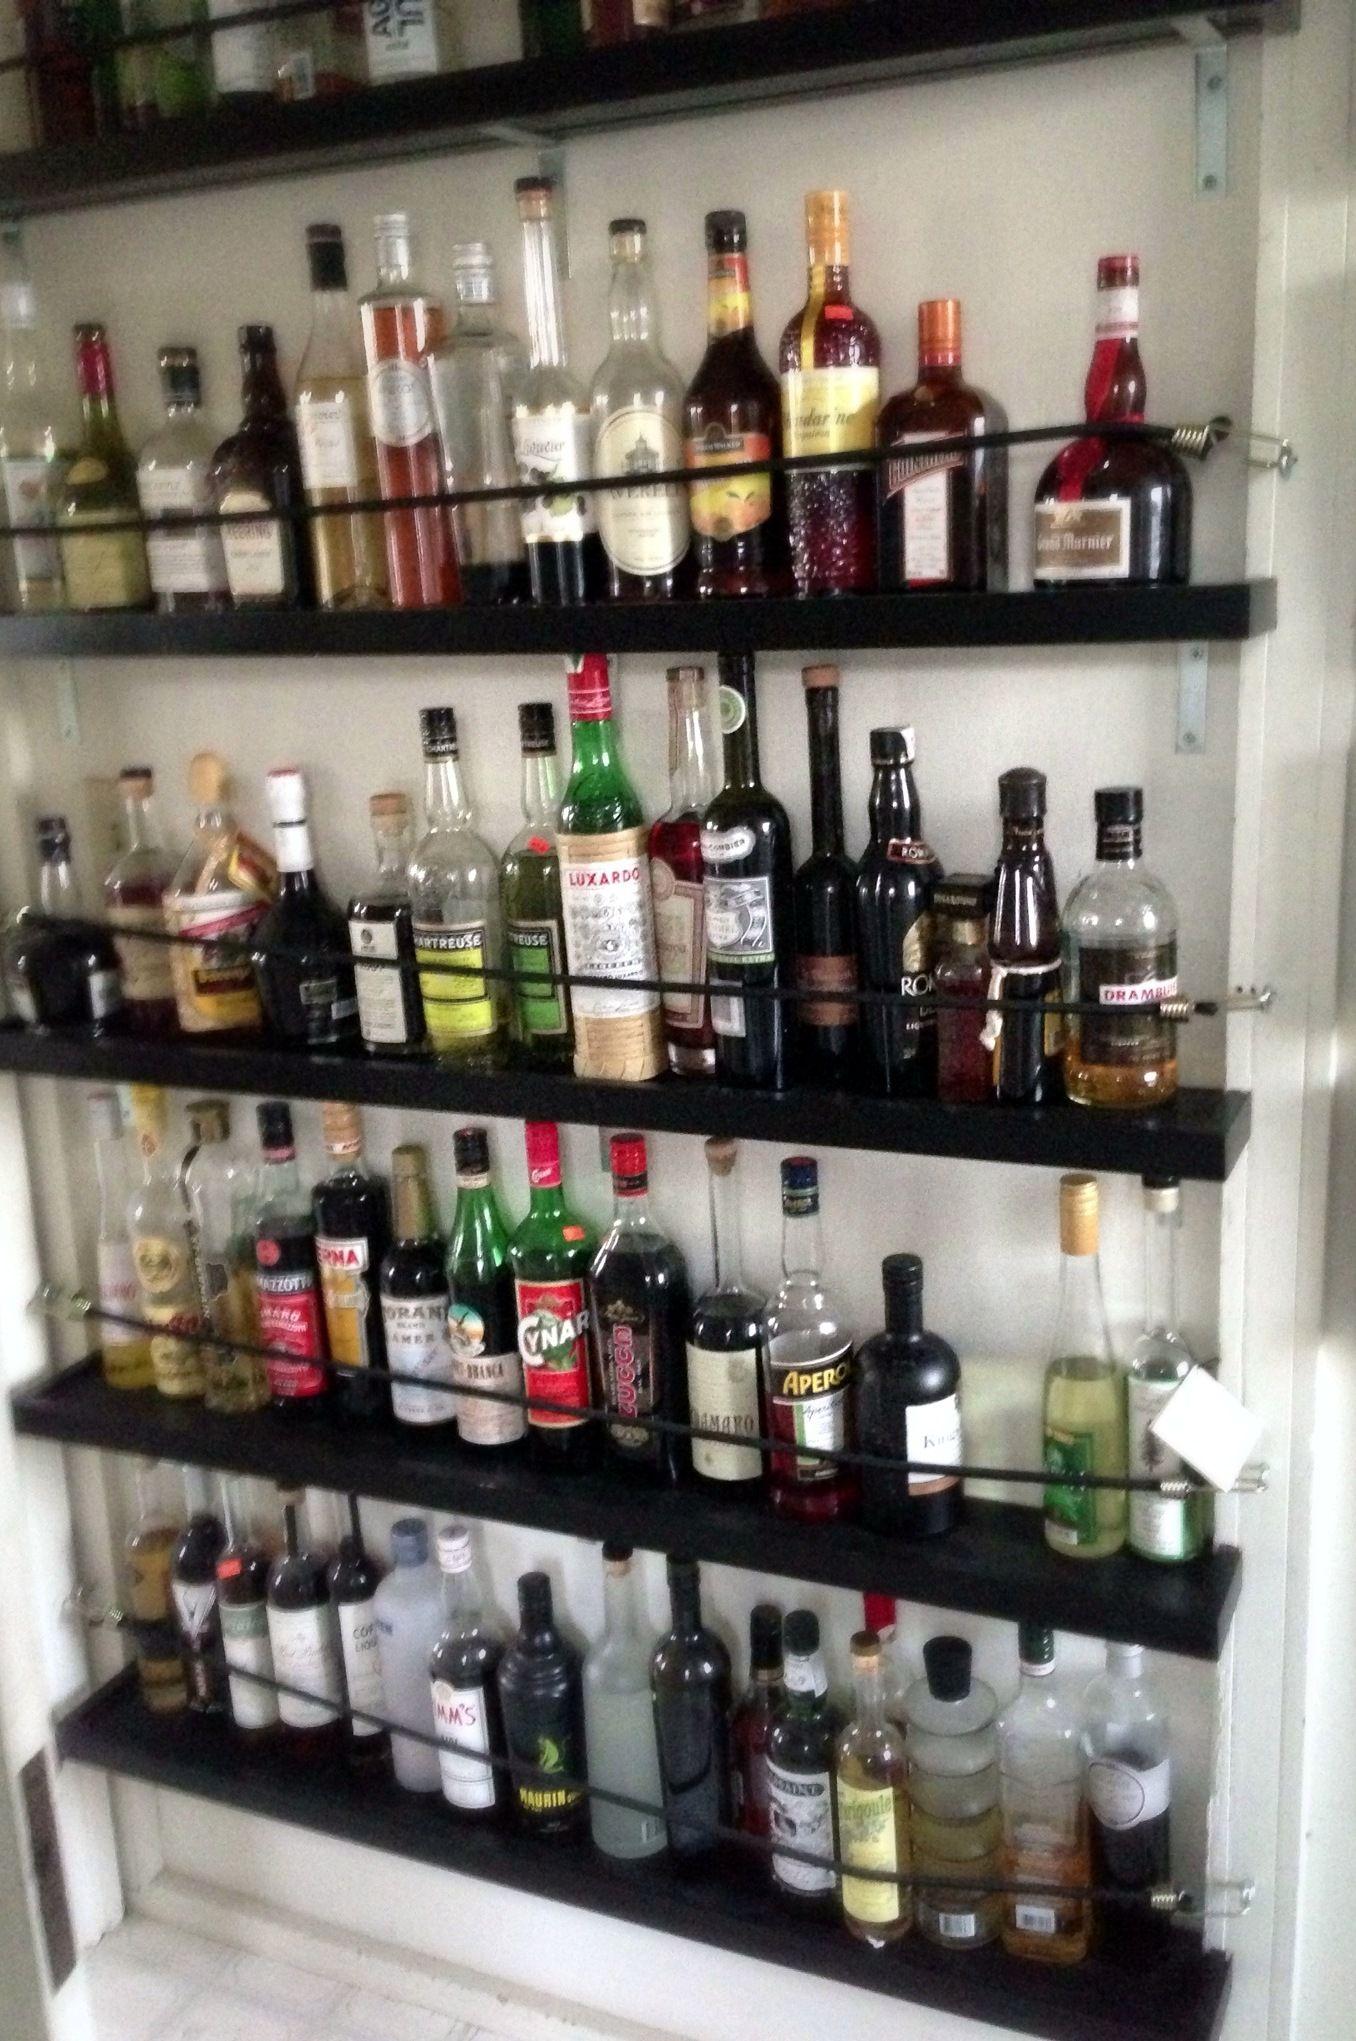 Shelving For Liquor Bottles Or How I Got My Drinking Problem Under Control The Drunken Botanist Liquor Shelf Bottle Display Bar Shelves